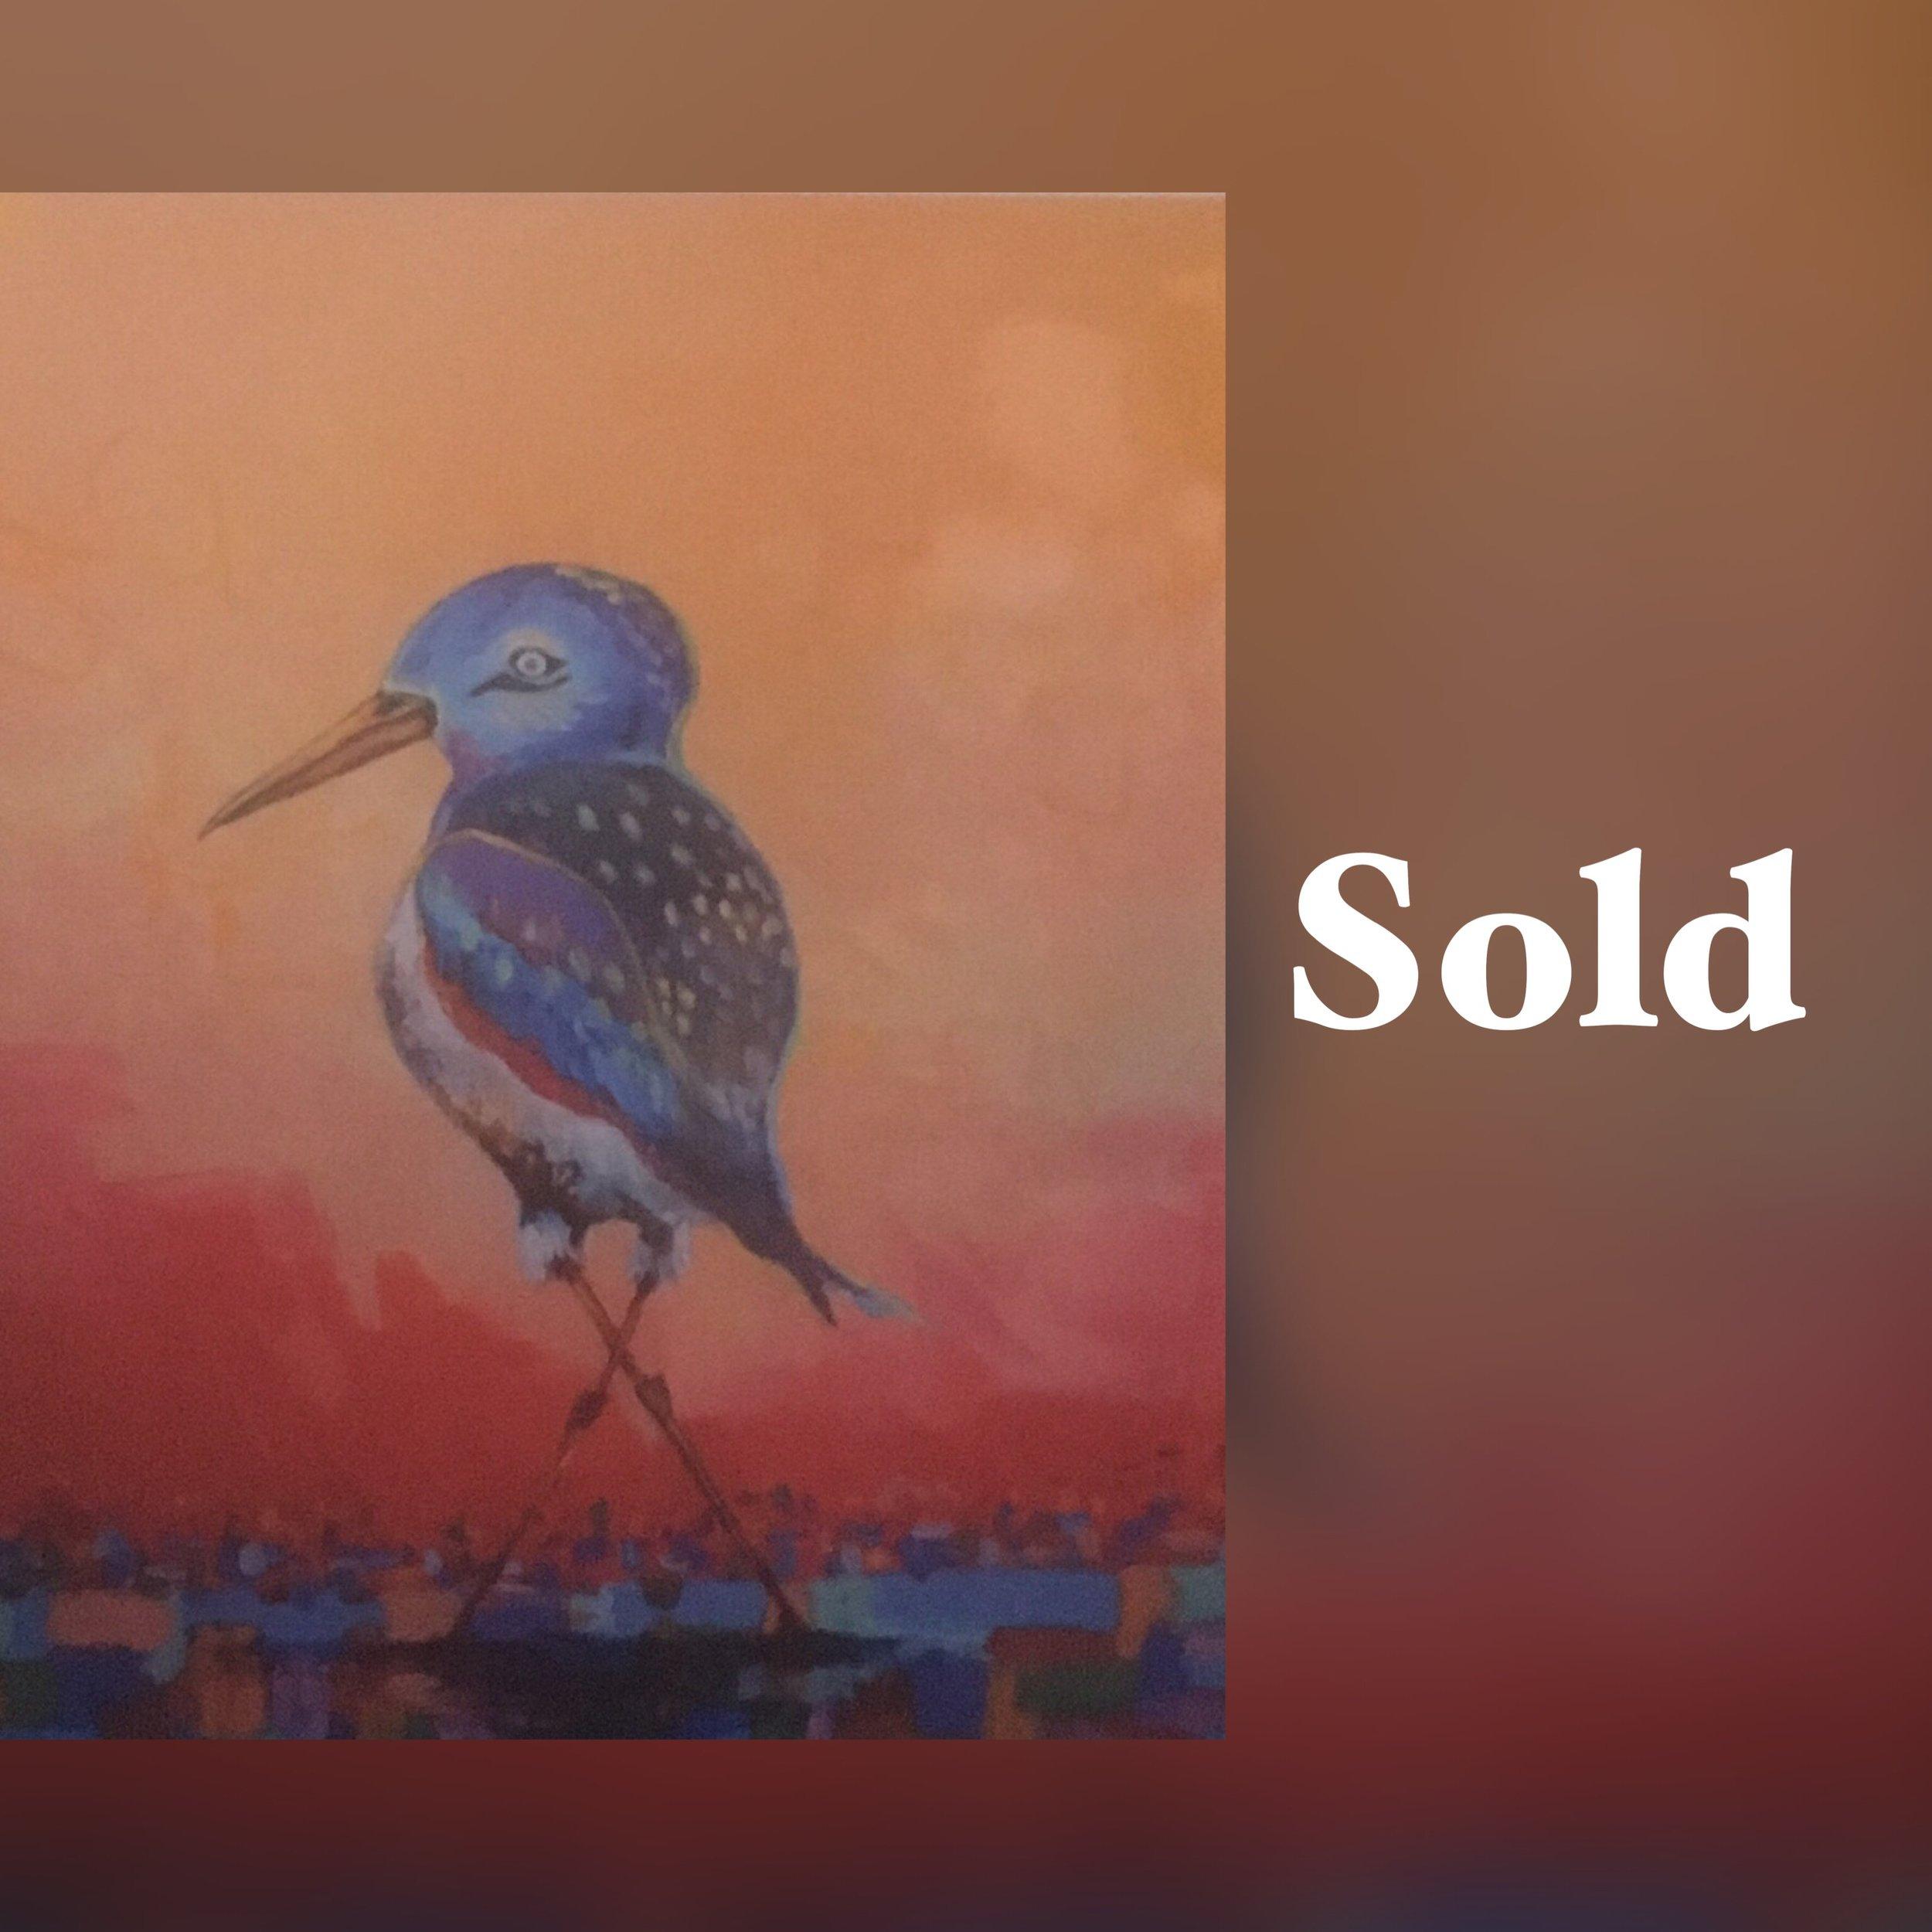 Lone Birdie Sold.JPG